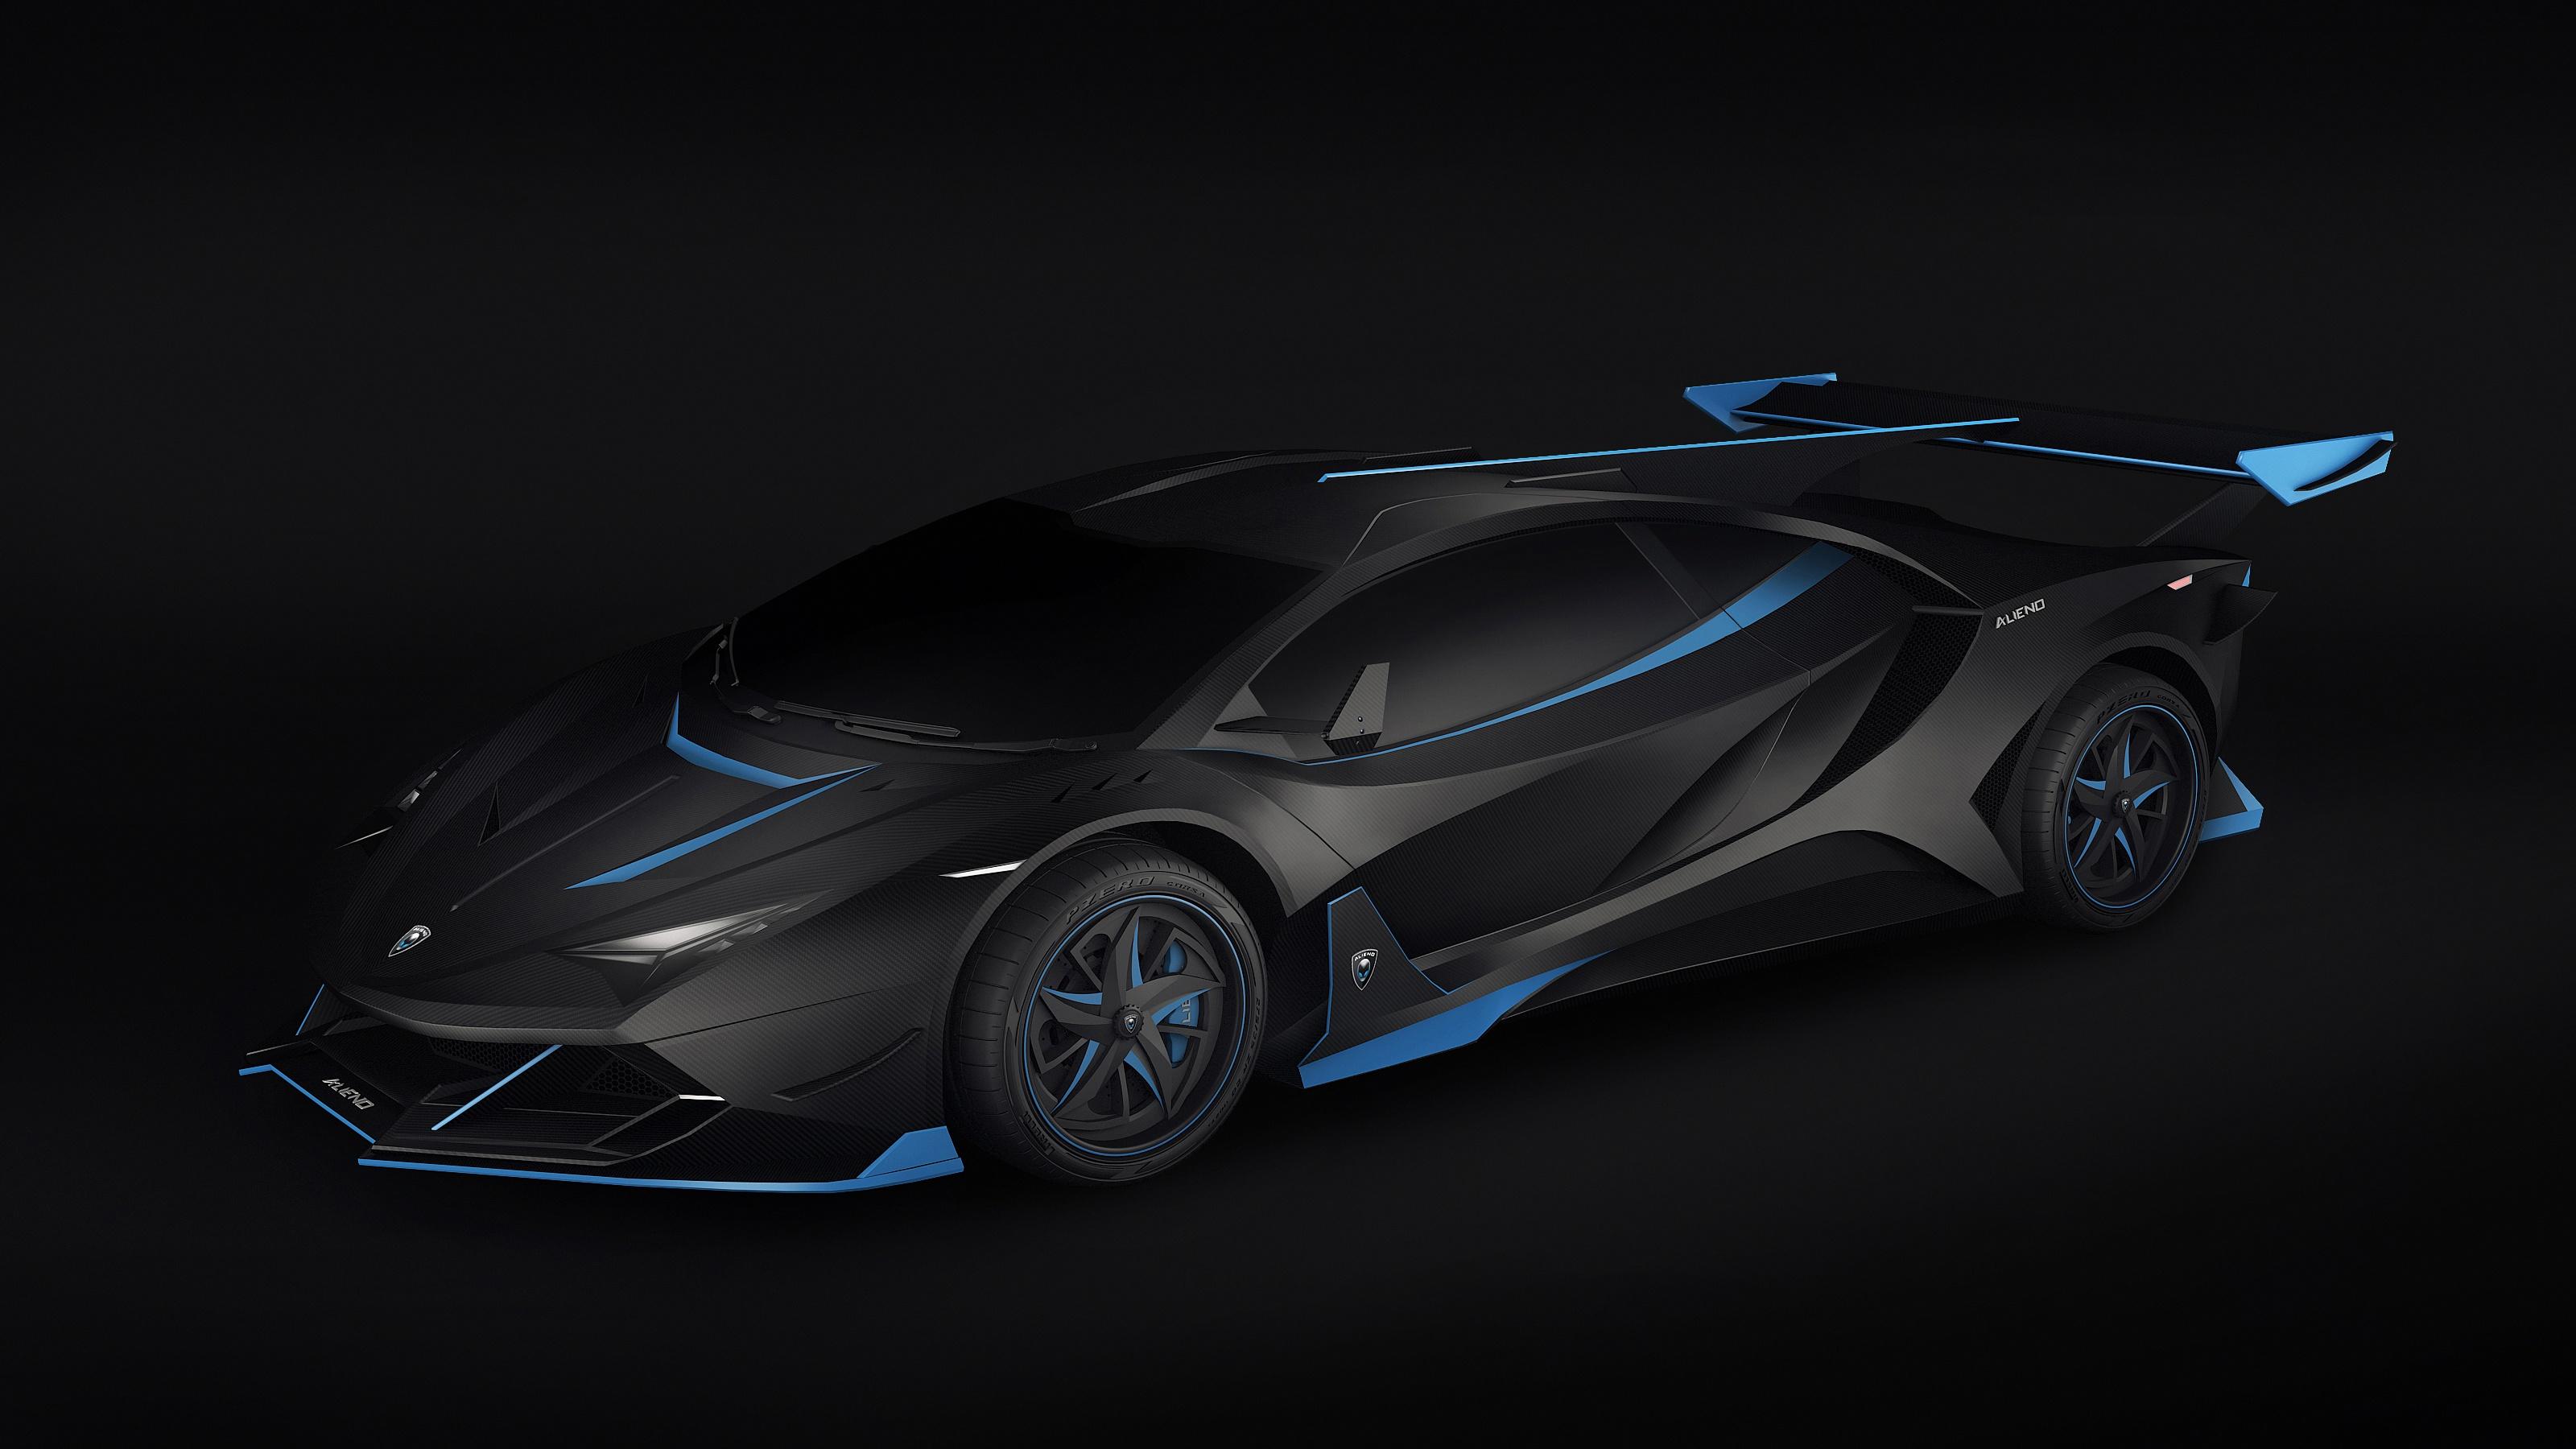 Wallpaper Dark Digital Art Car Vehicle Lamborghini 3200x1800